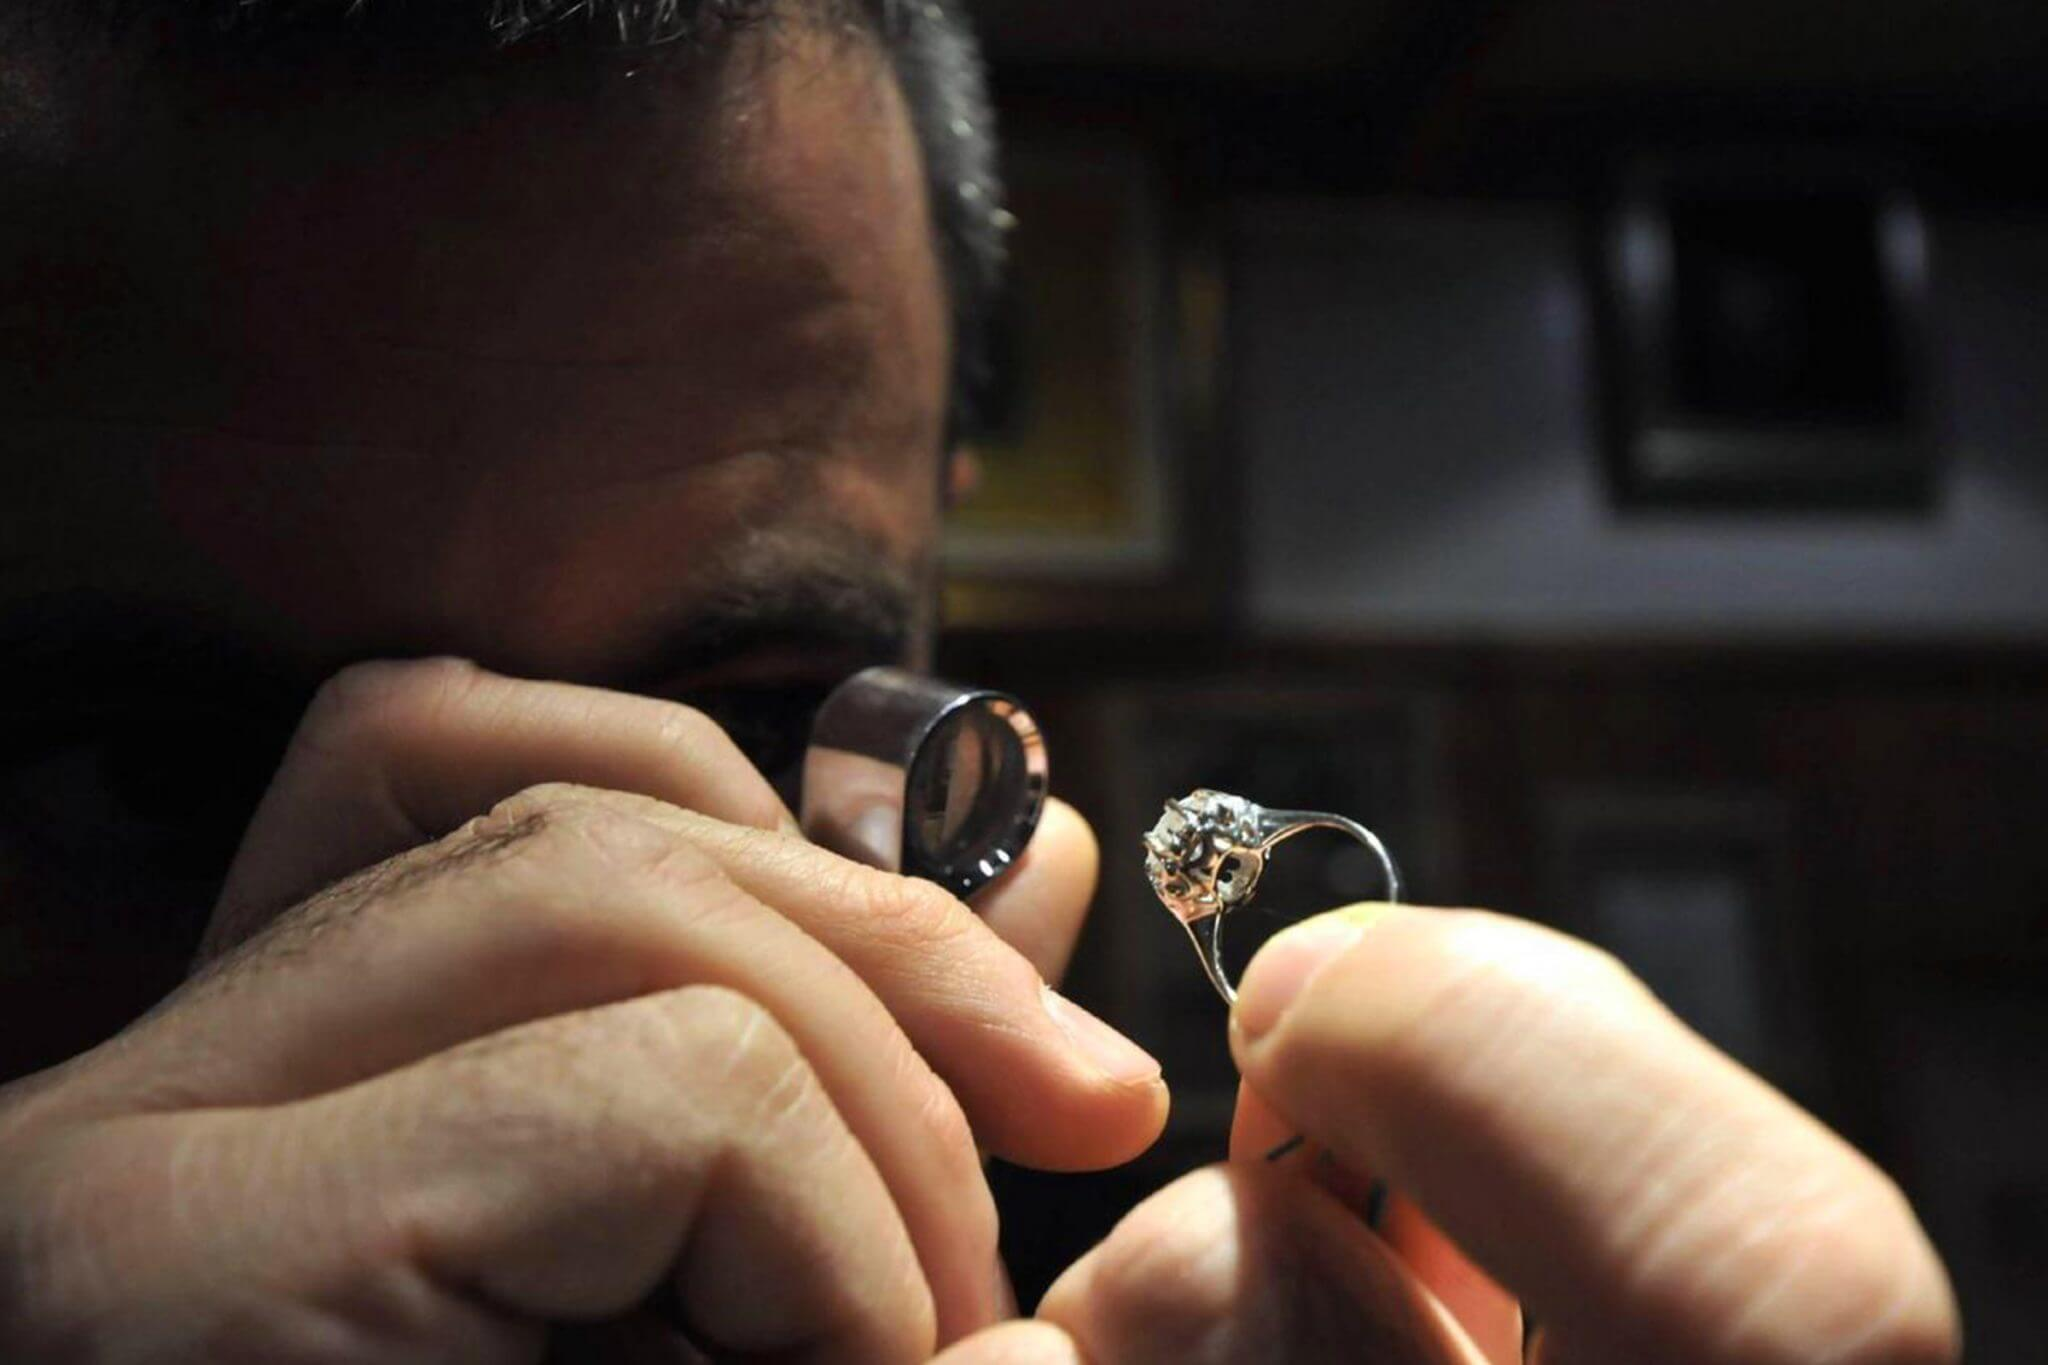 avaliacao de joias diamante rolex